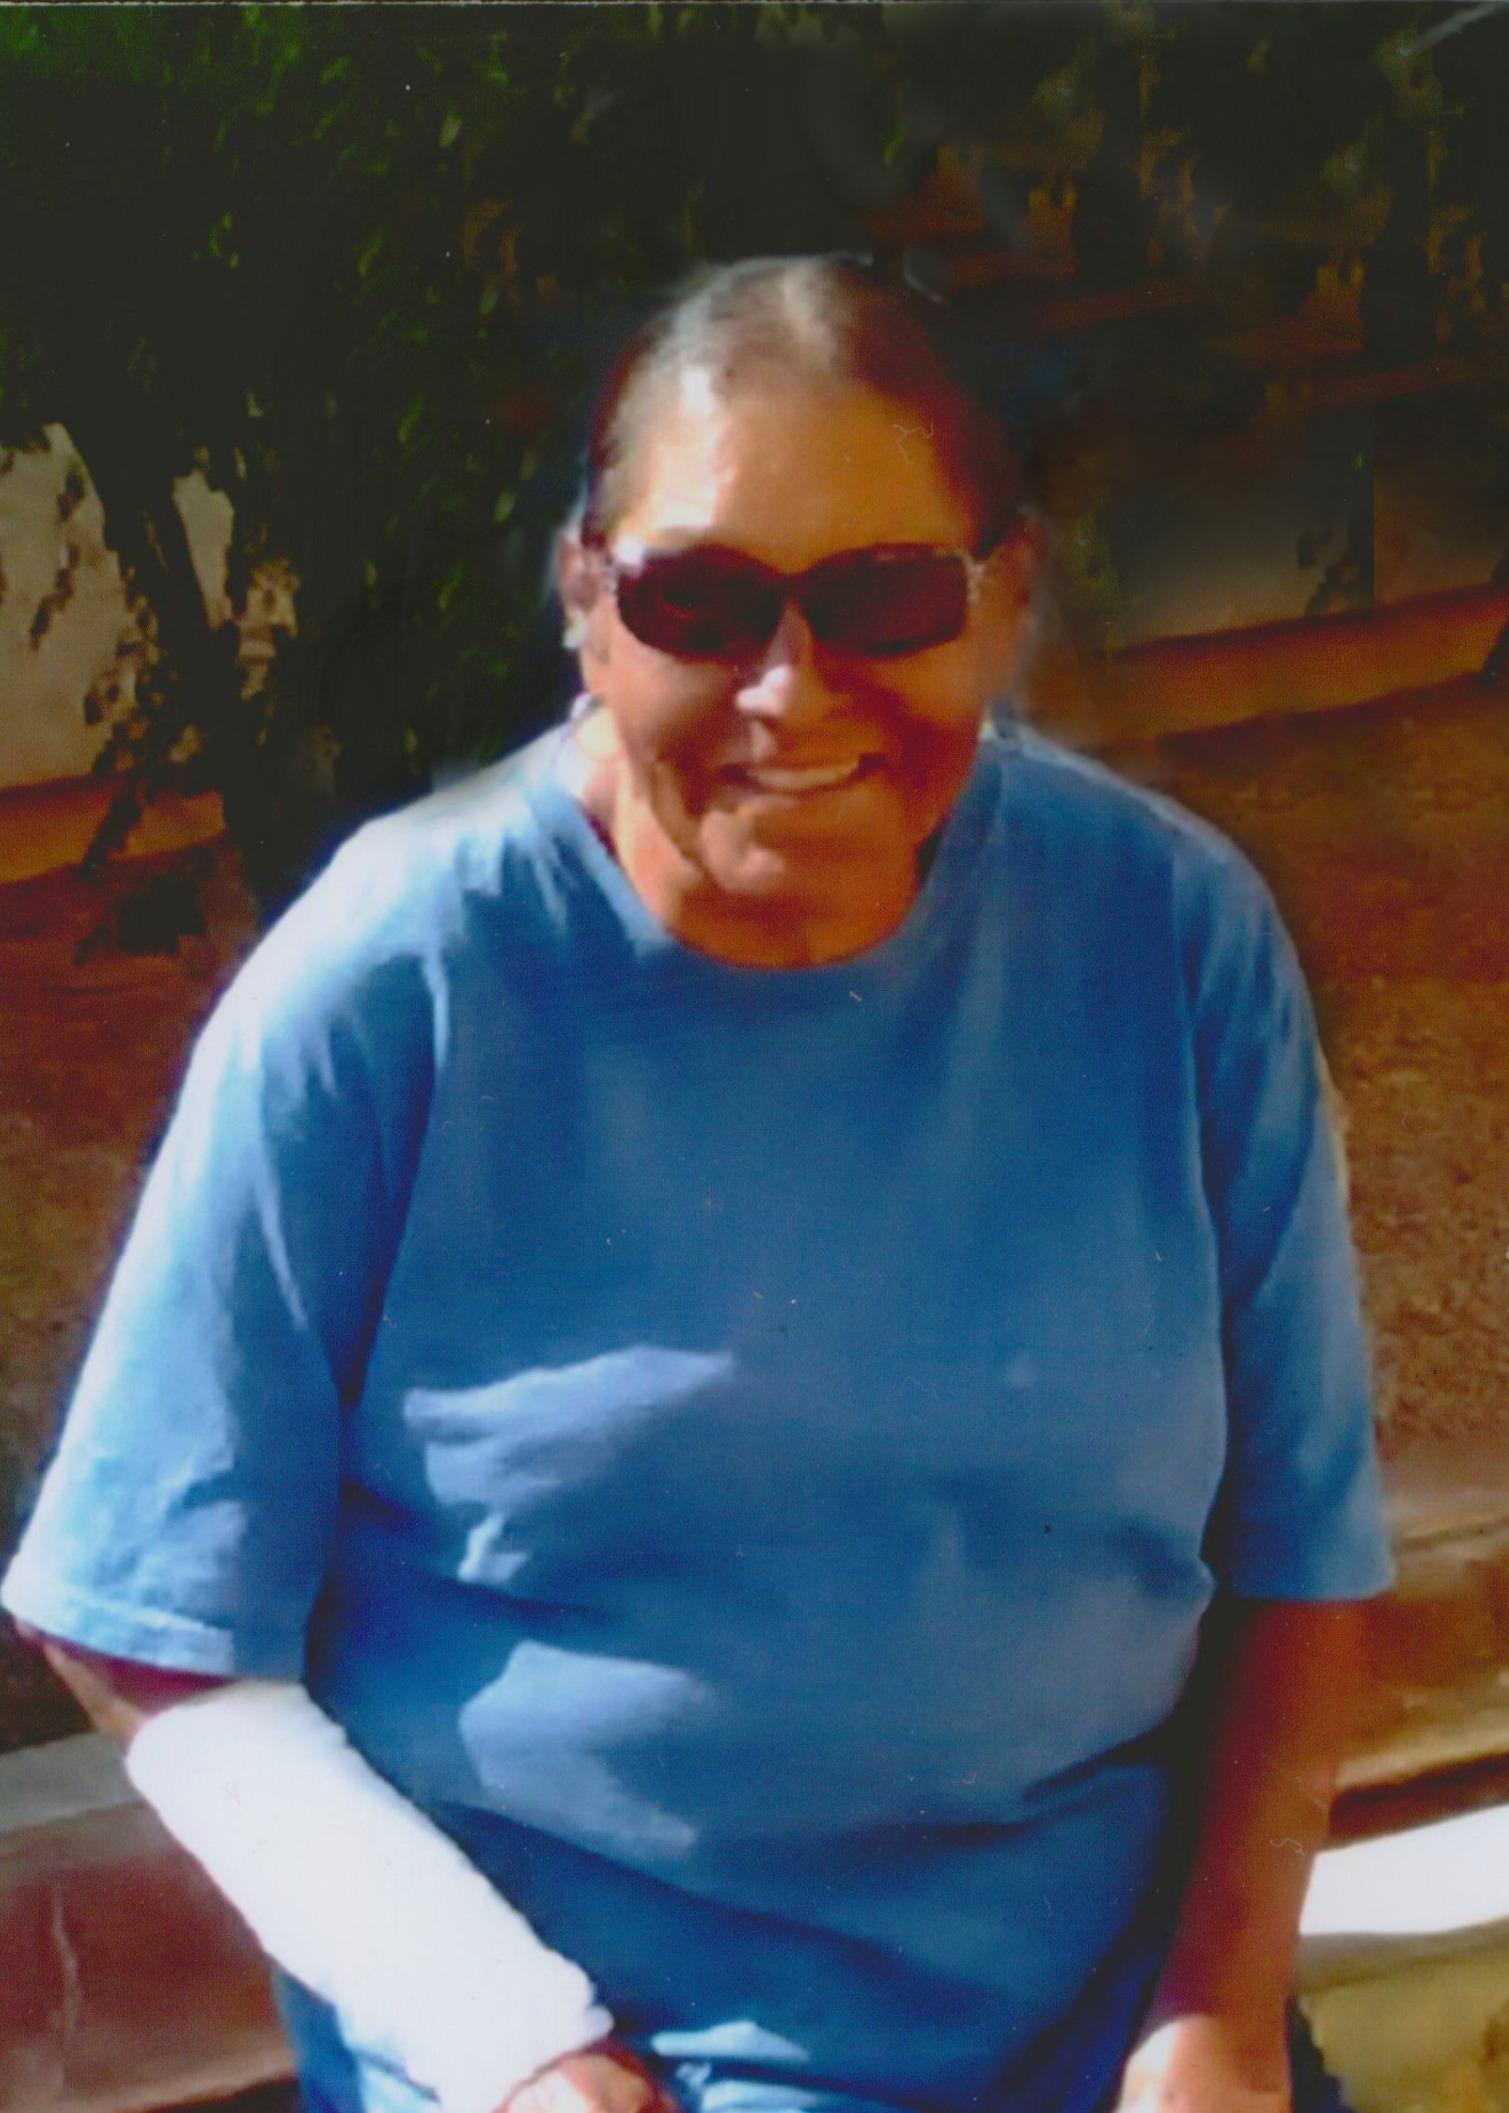 Audrey Elaine Carrillo